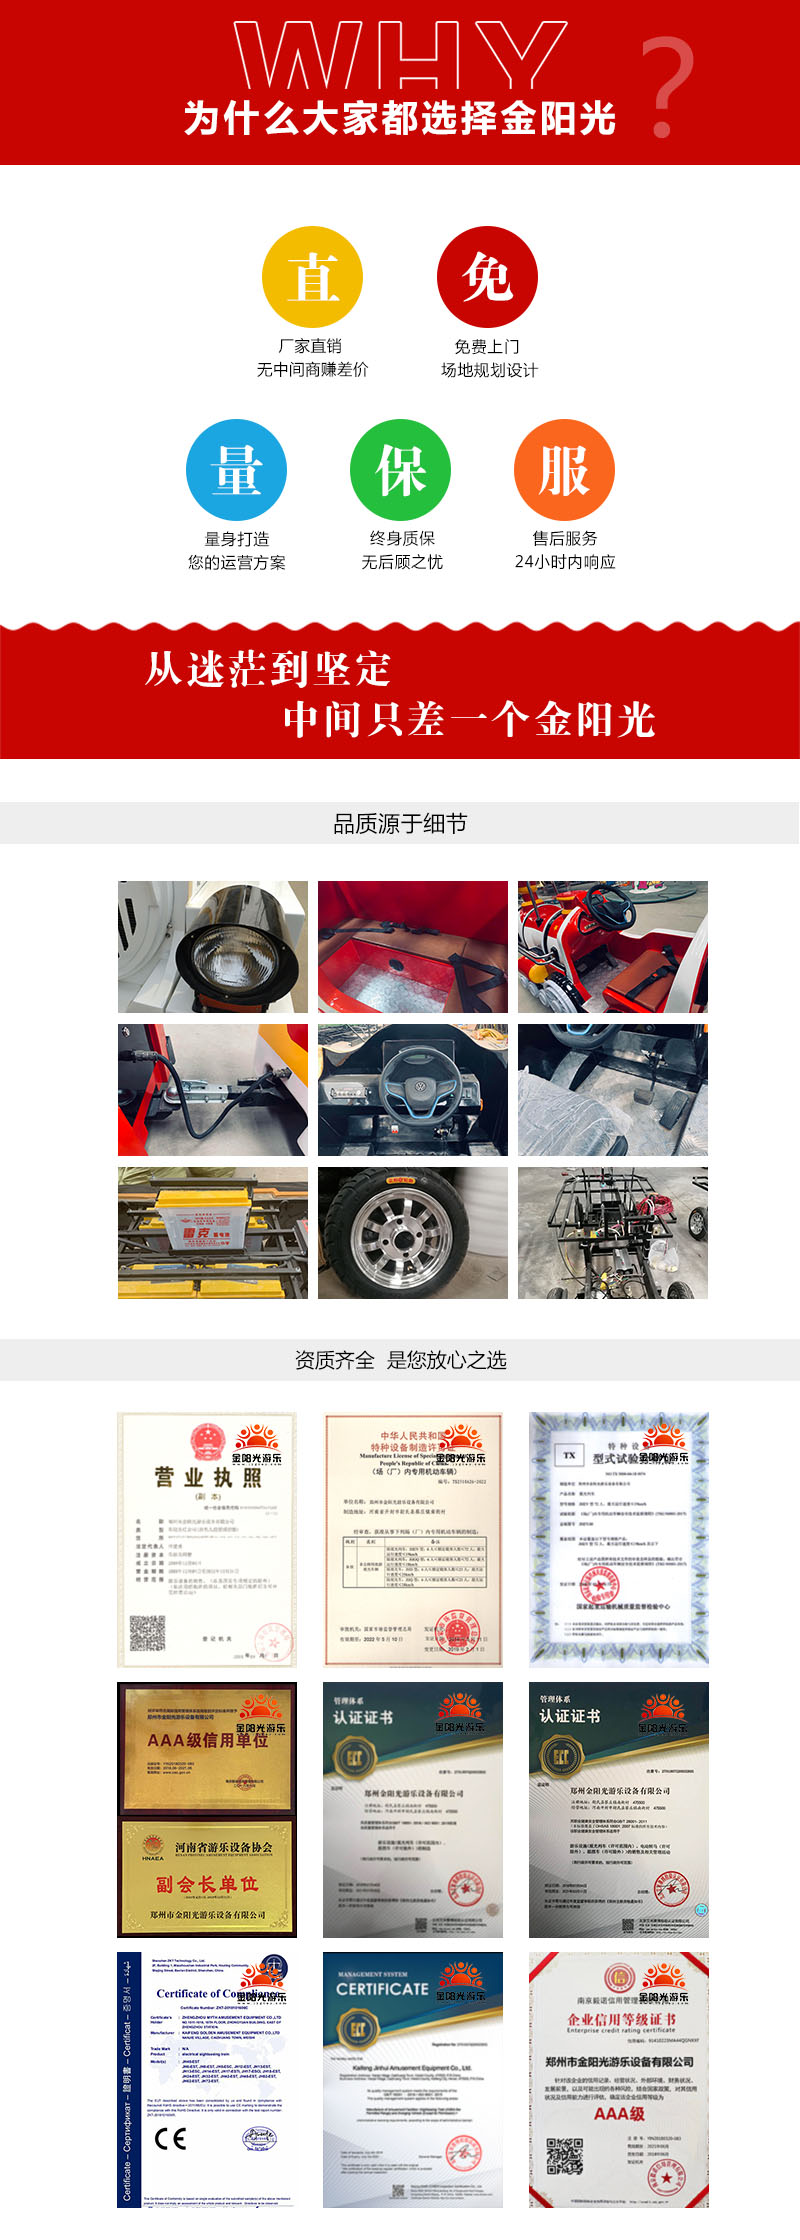 郑州金阳光产品细节